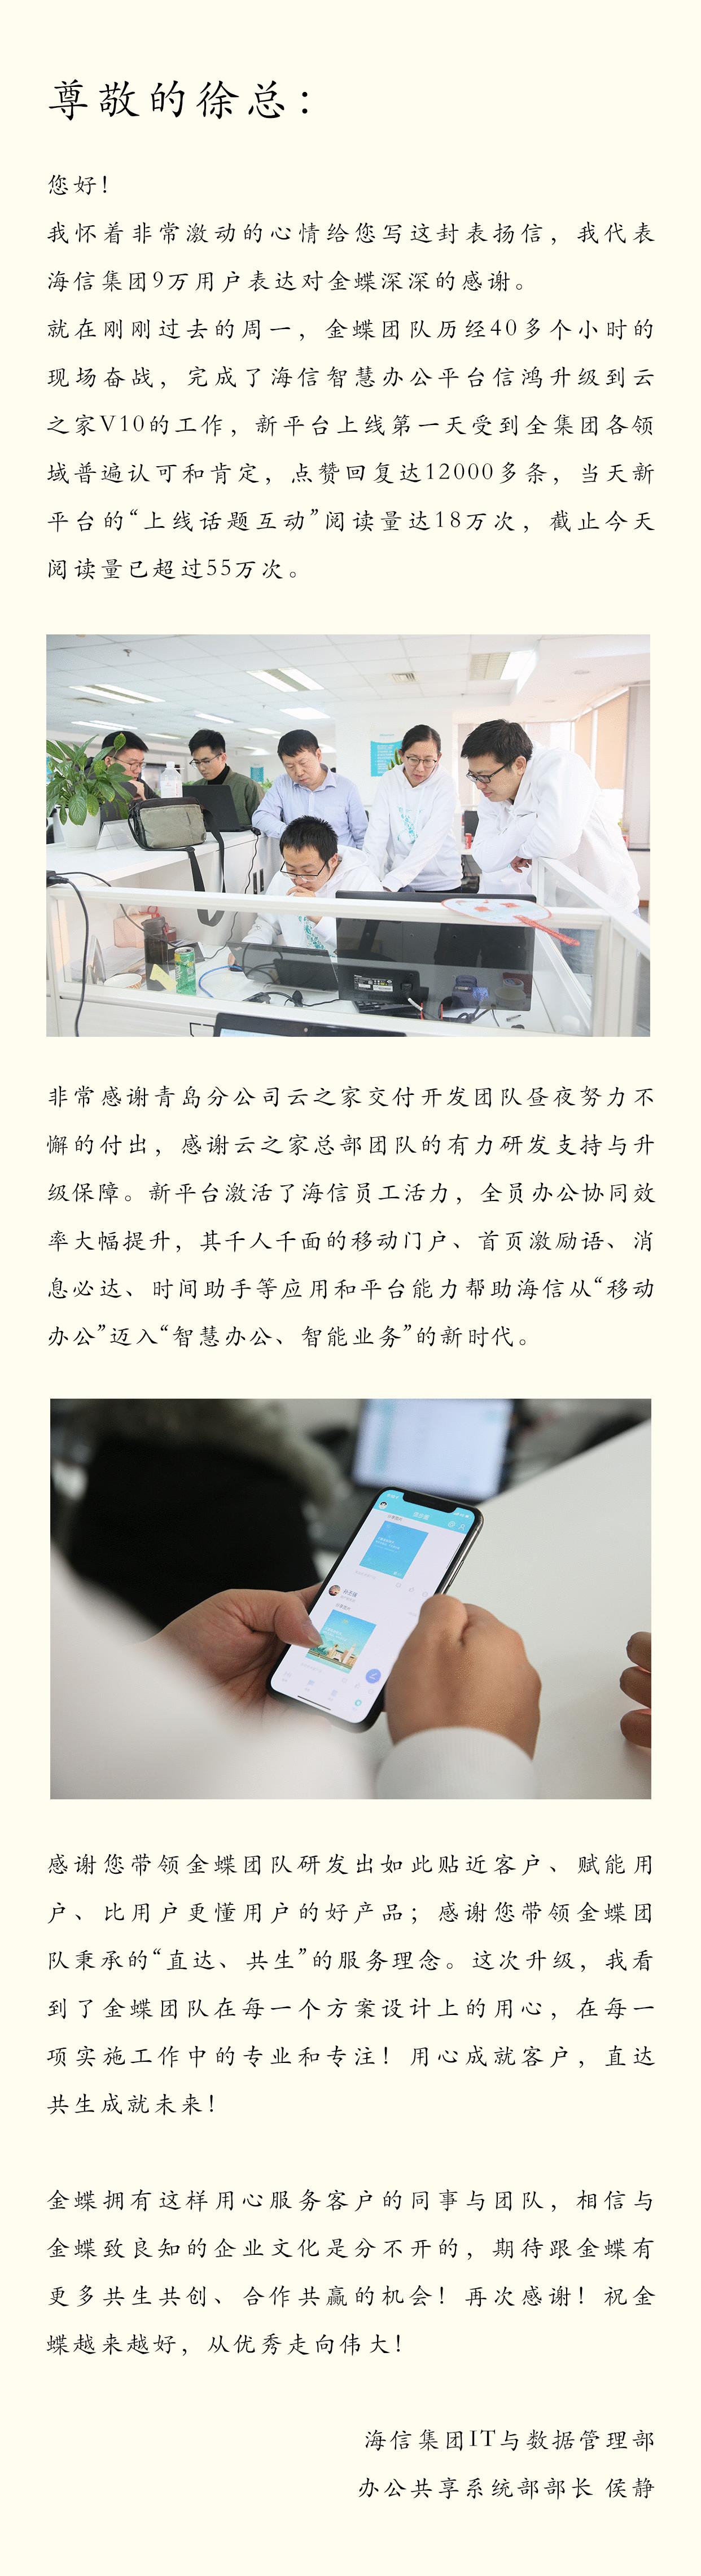 客户表扬信.jpg